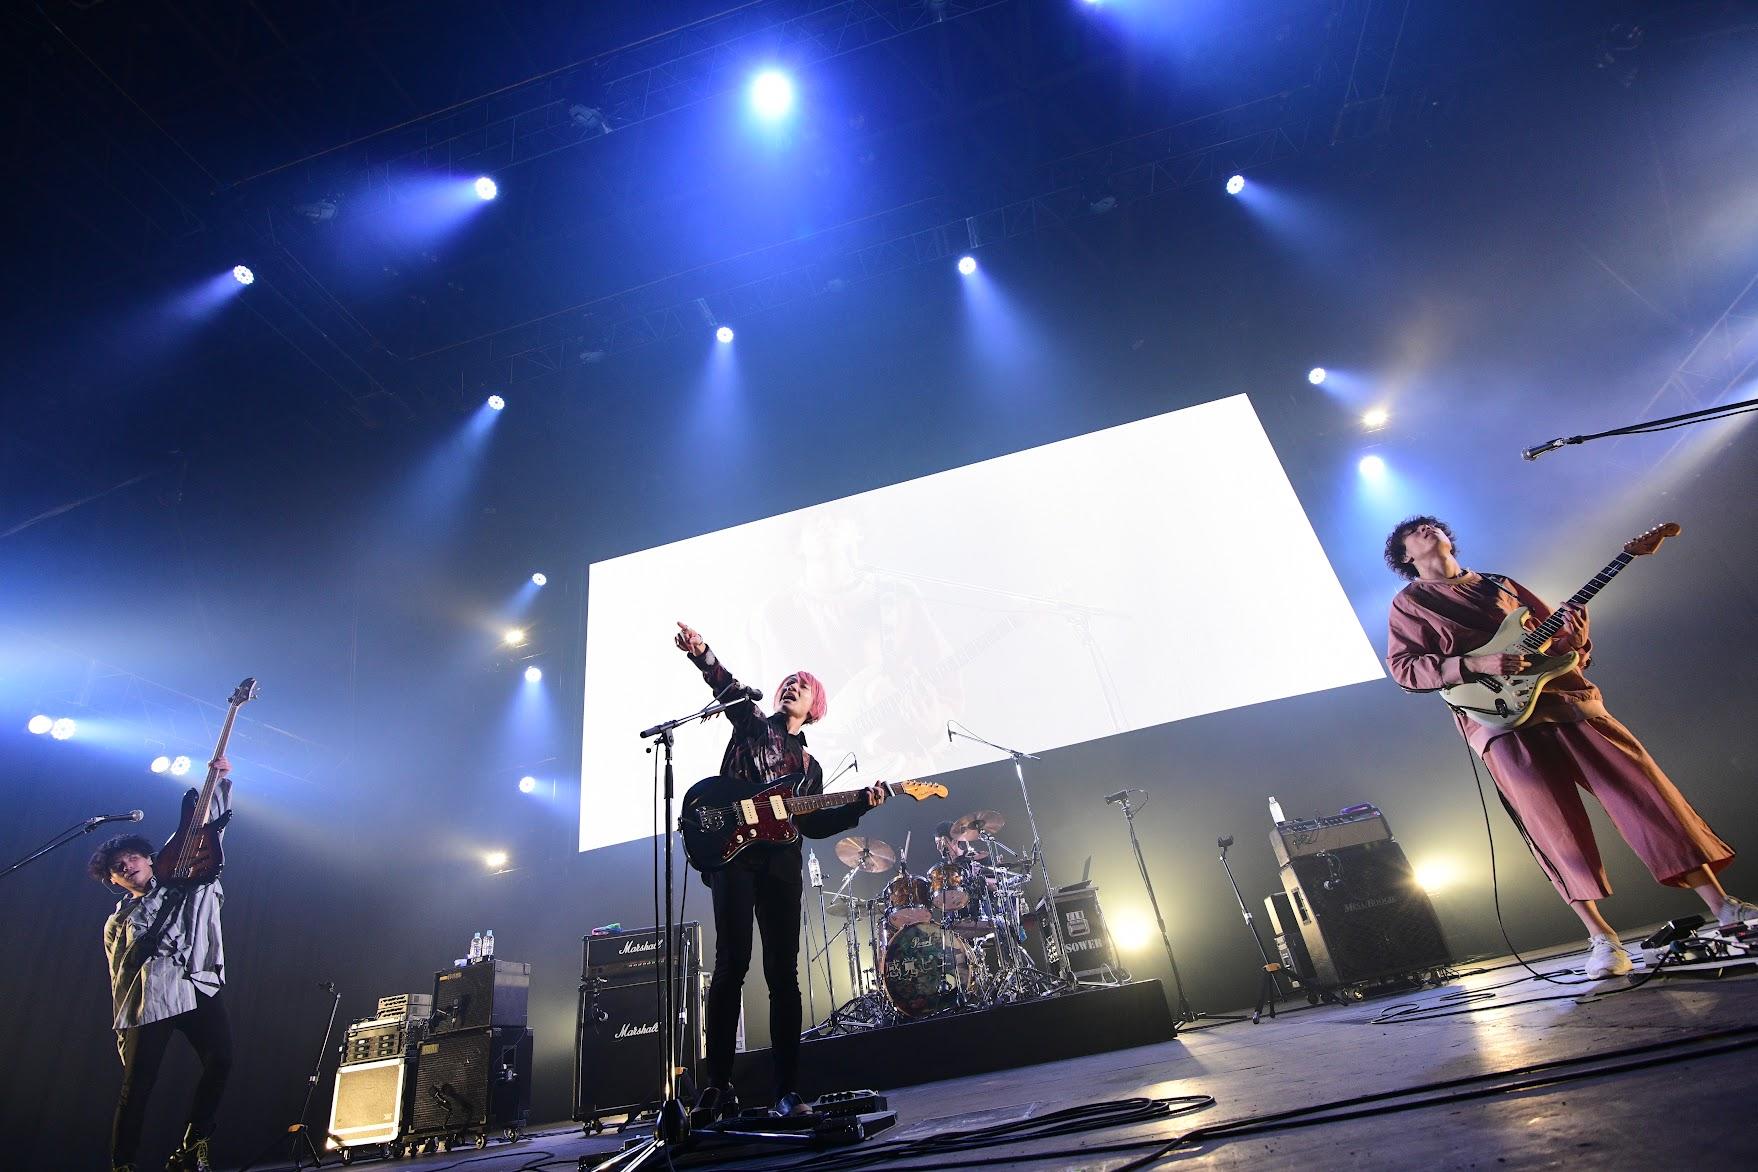 【迷迷現場】COUNTDOWN JAPAN 18/19 感覚ピエロ 演出從彩排就開始 全場大合唱掀破屋頂